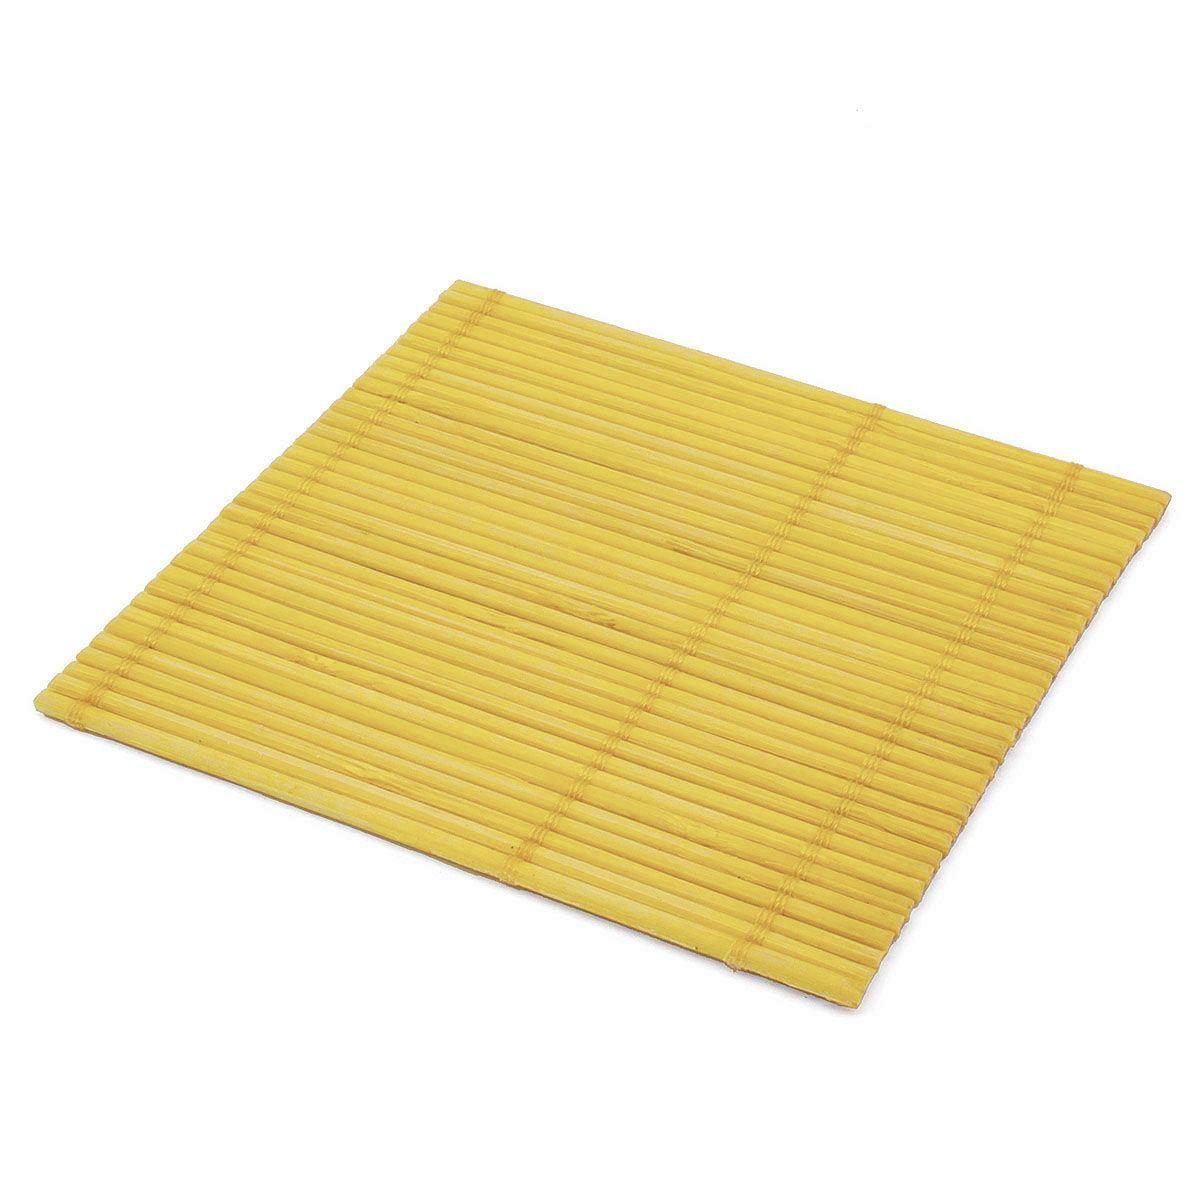 Набор чайных циновок (бамбук) жёлтые №2 10 х 10 см 5 шт/упак.